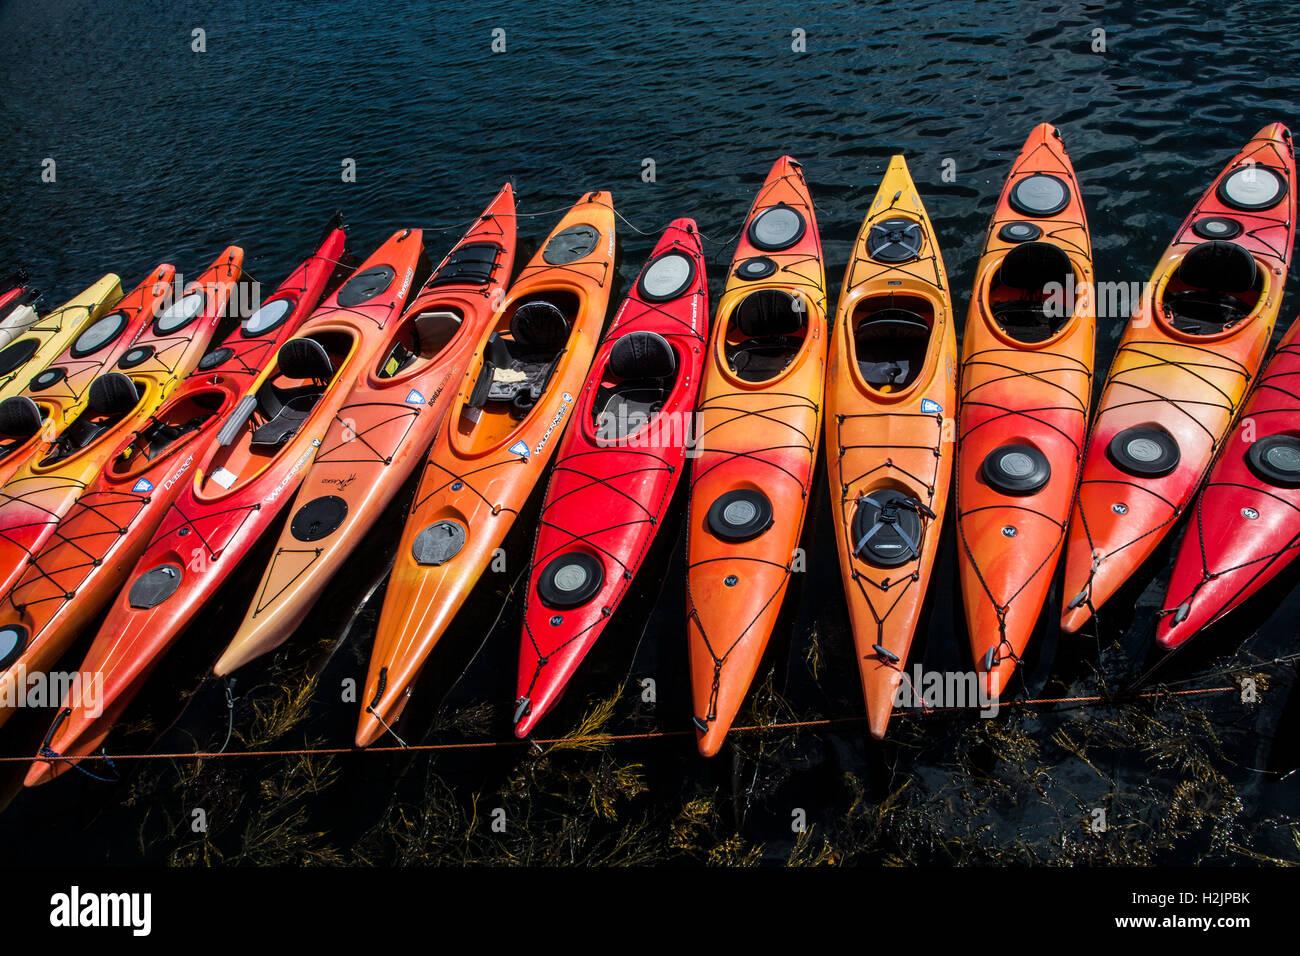 Chiudere fino a multicolore modello astratto di una fila di kayak ancorato, Massachusetts, STATI UNITI D'AMERICA, Immagini Stock